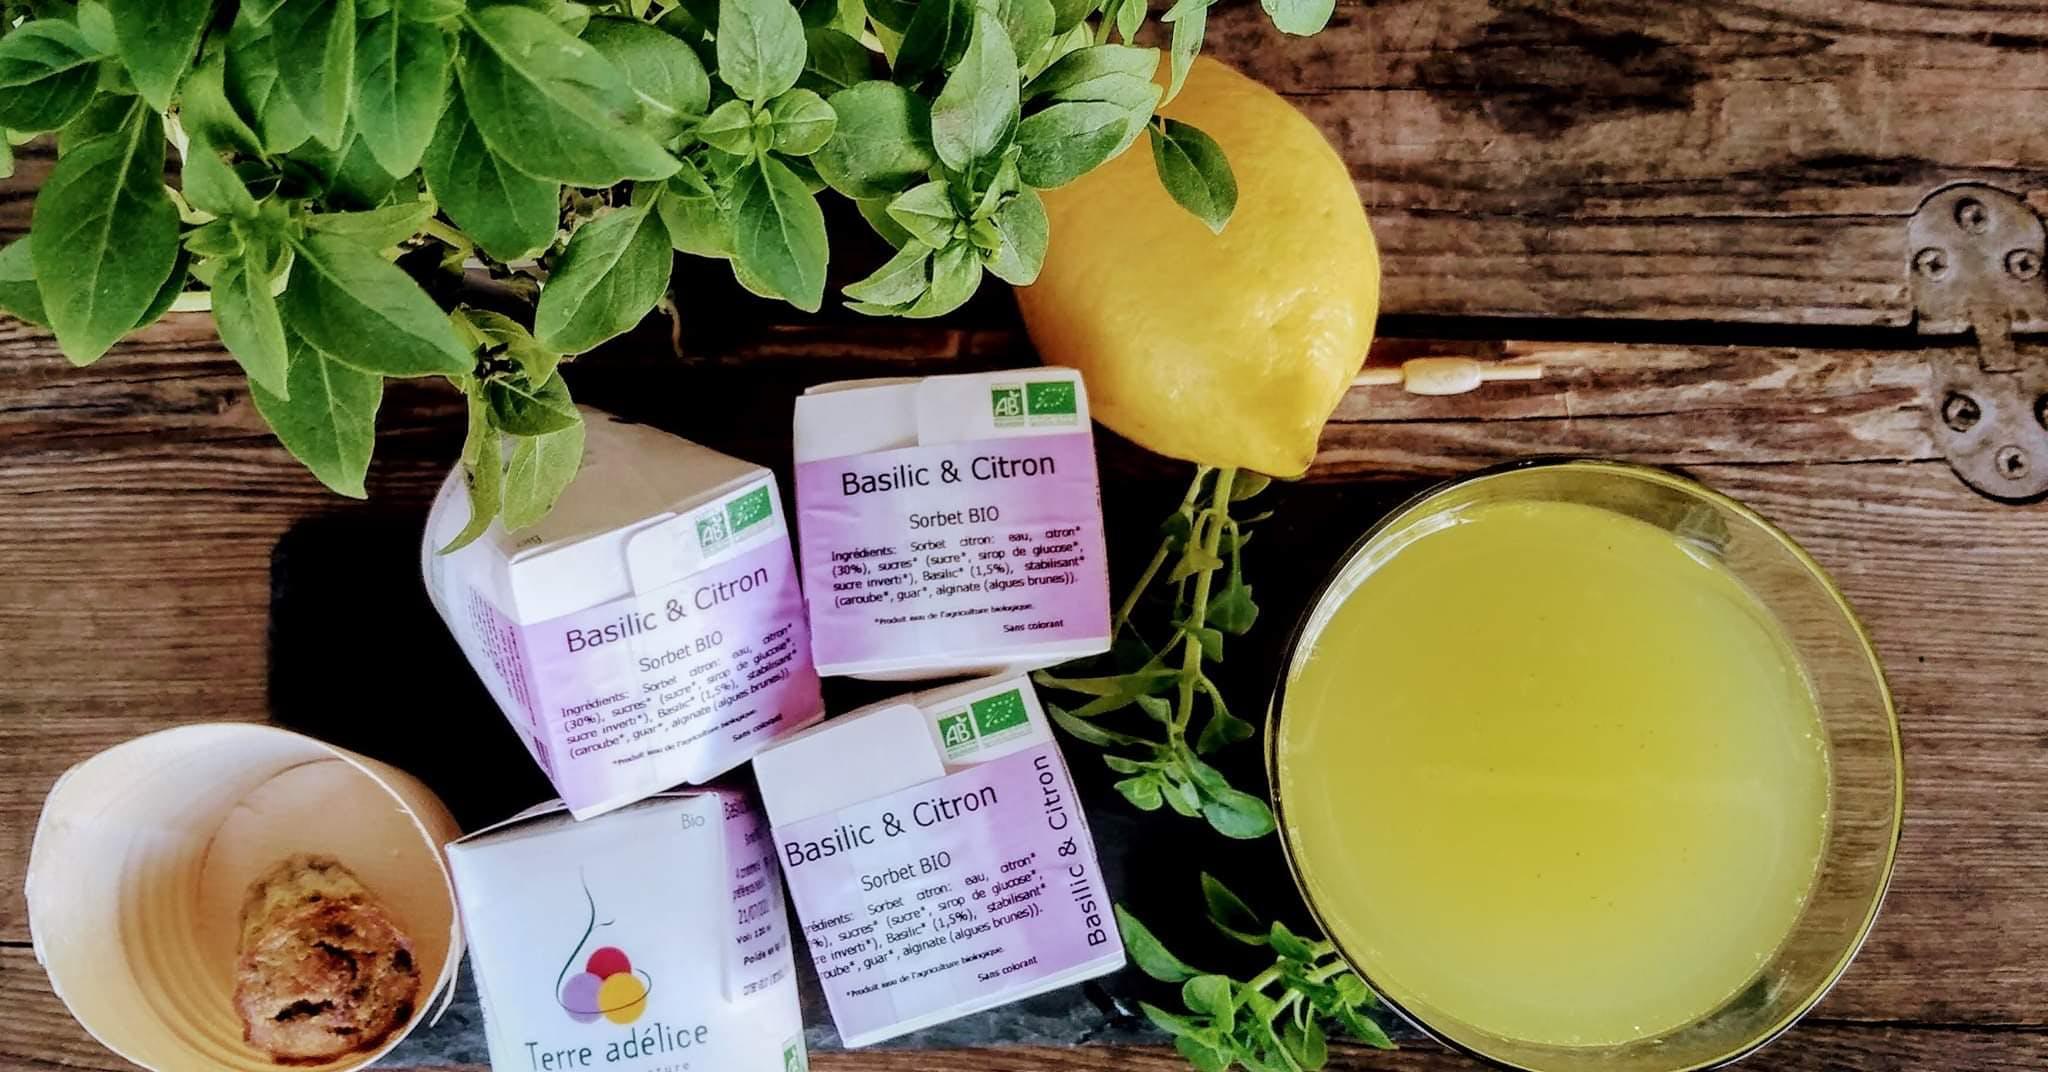 Enercoop Paca - Clients Professionnels - Basilic & Citron jus bio - Avignon Bignoles - Ingrédients